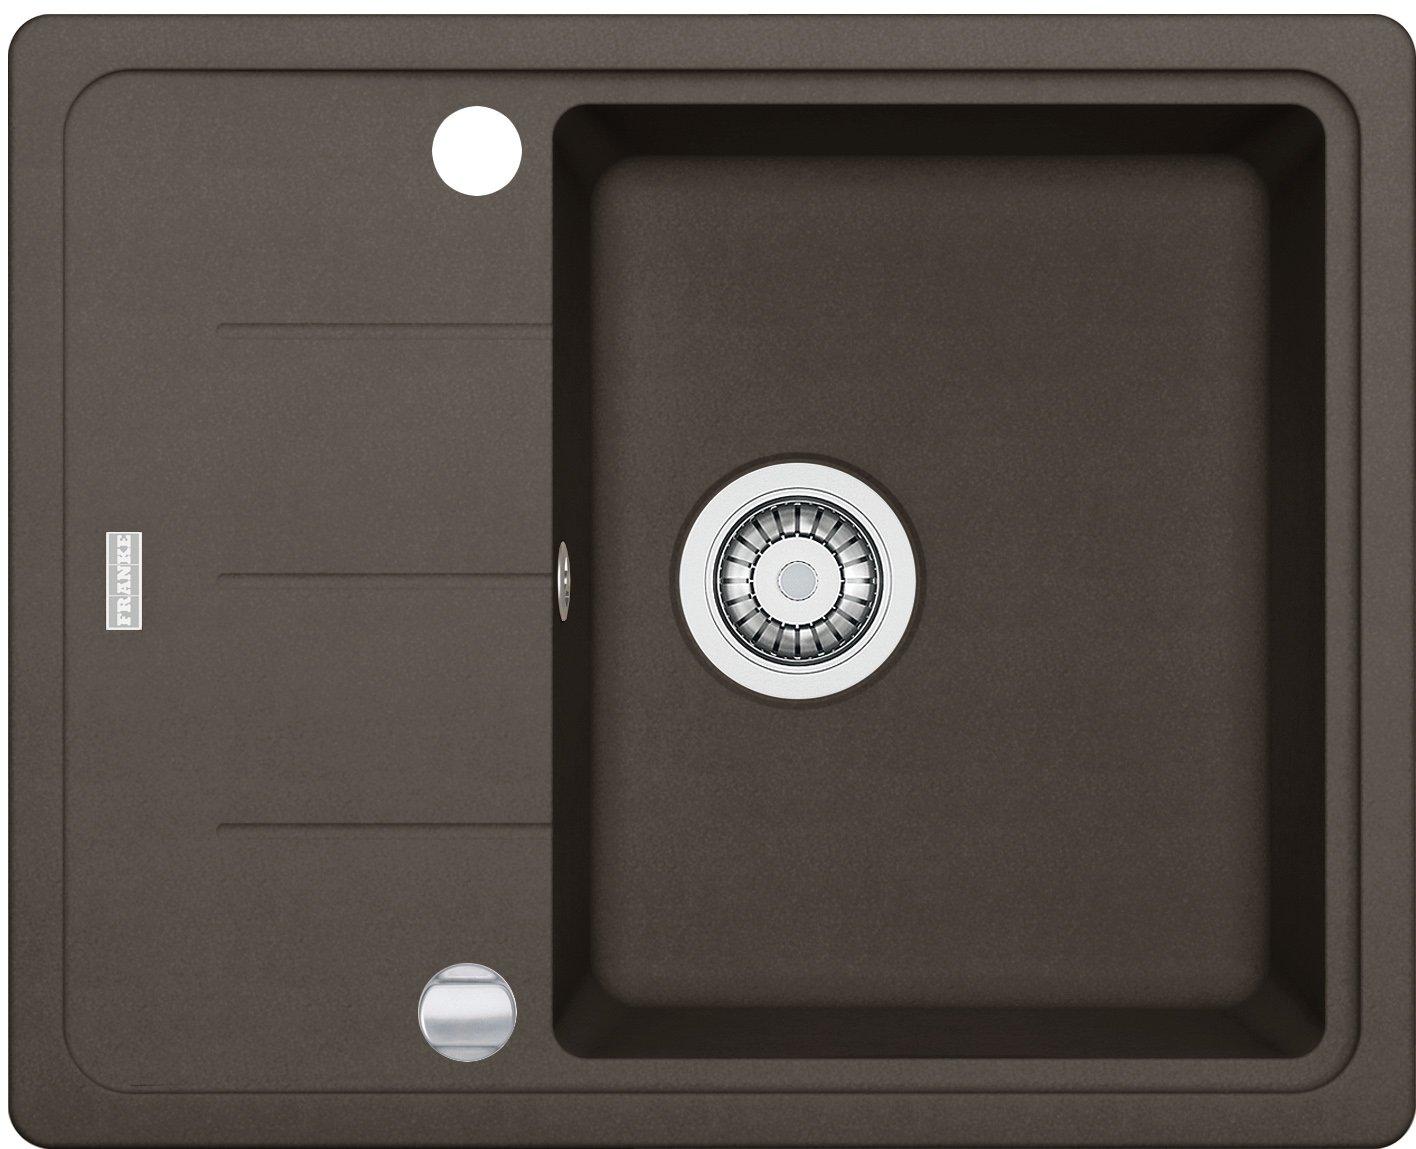 Franke KüchenSpüle Basis BFG 61162 (114.0301.903)  Fragranit Cashmere  BaumarktKundenbewertung und weitere Informationen